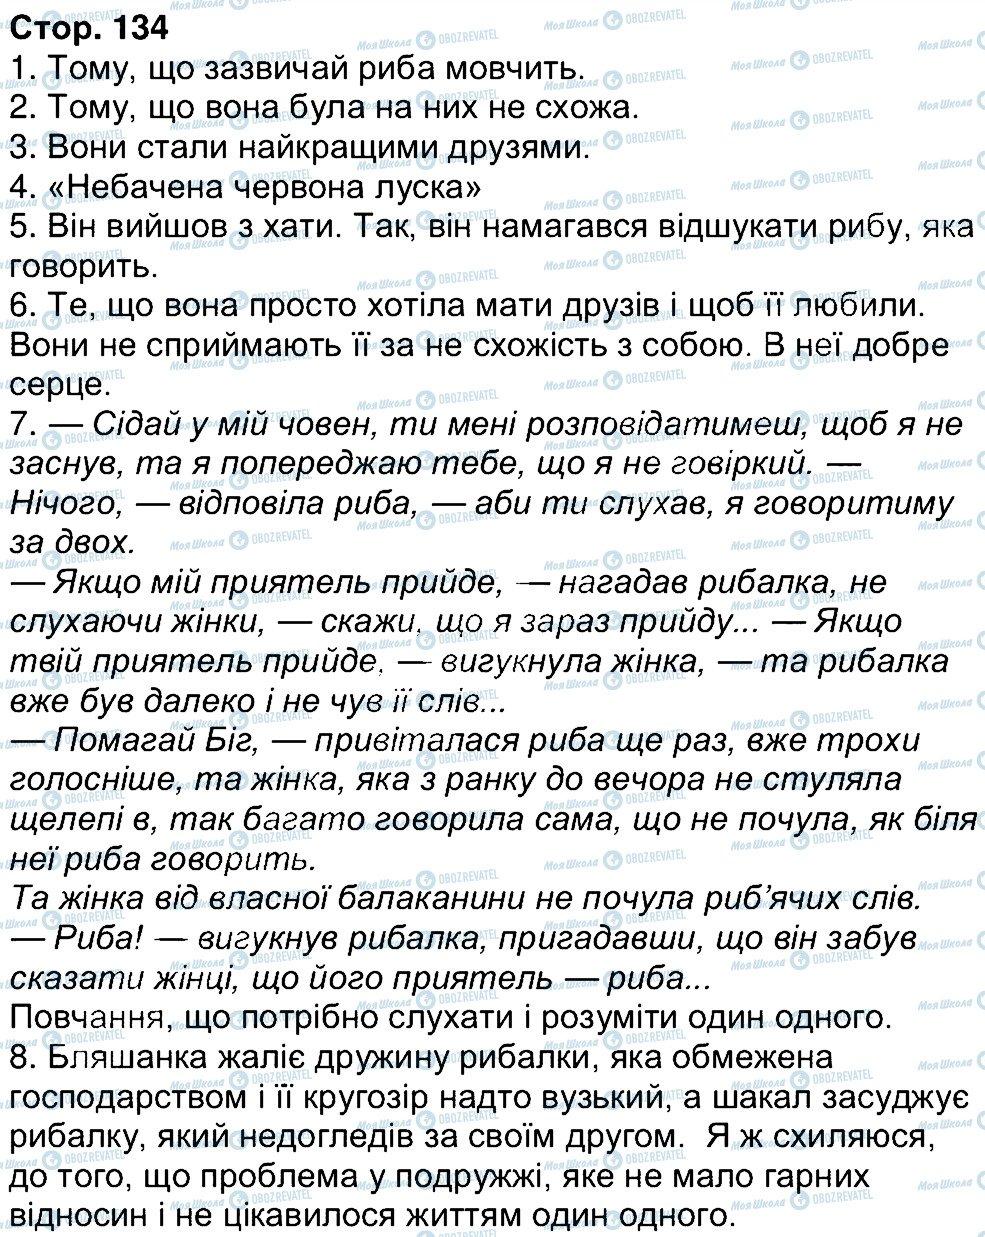 ГДЗ Укр лит 6 класс страница 134